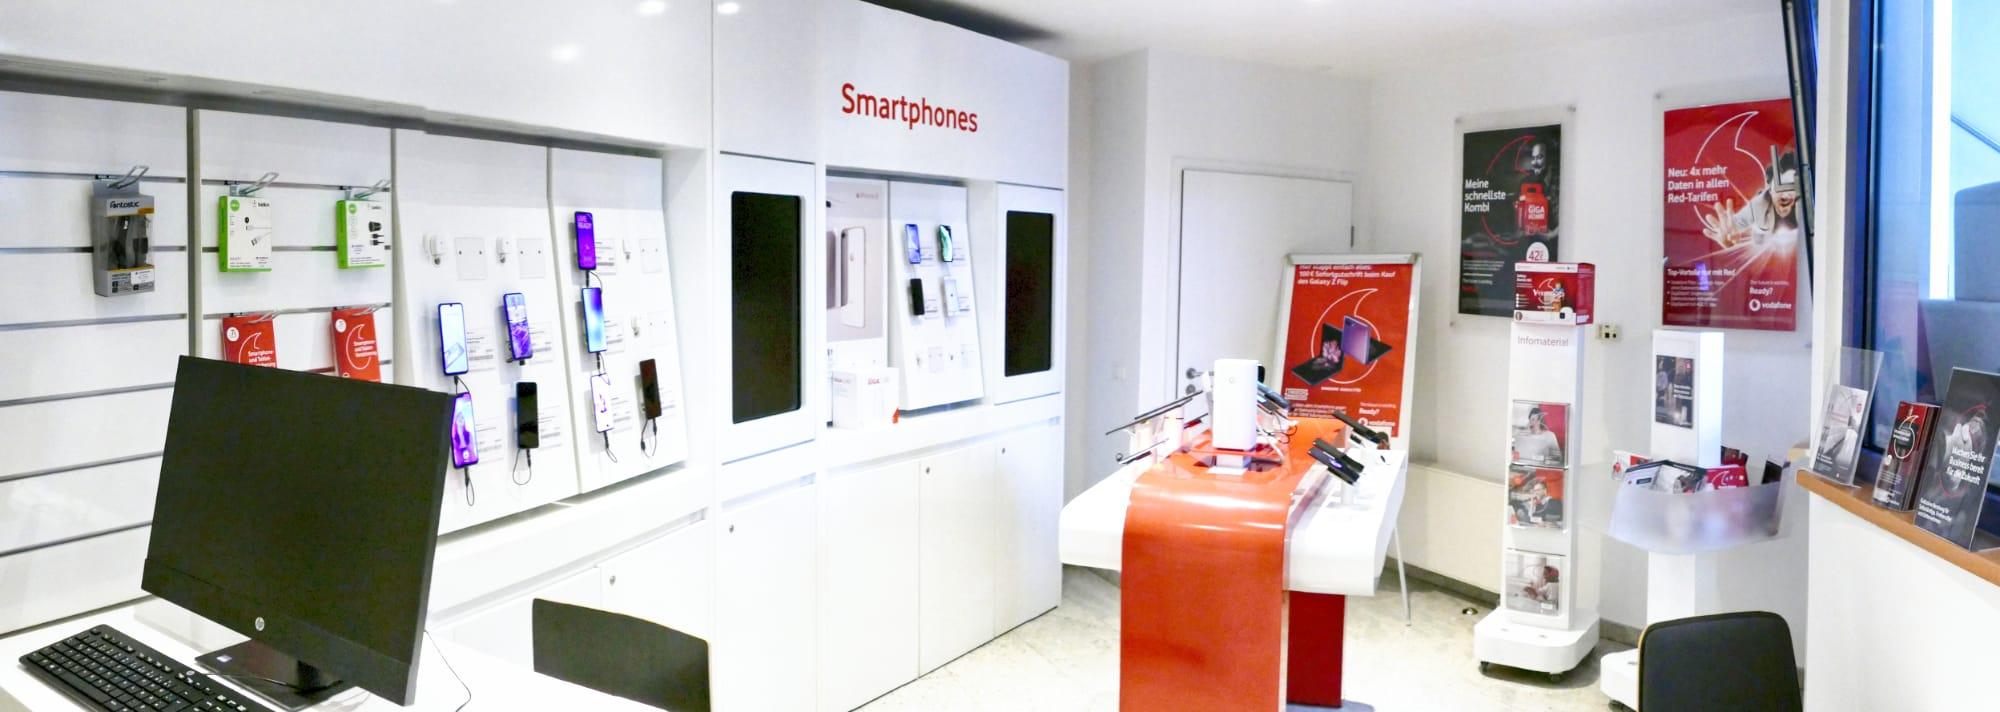 Störung Vodafone Dresden